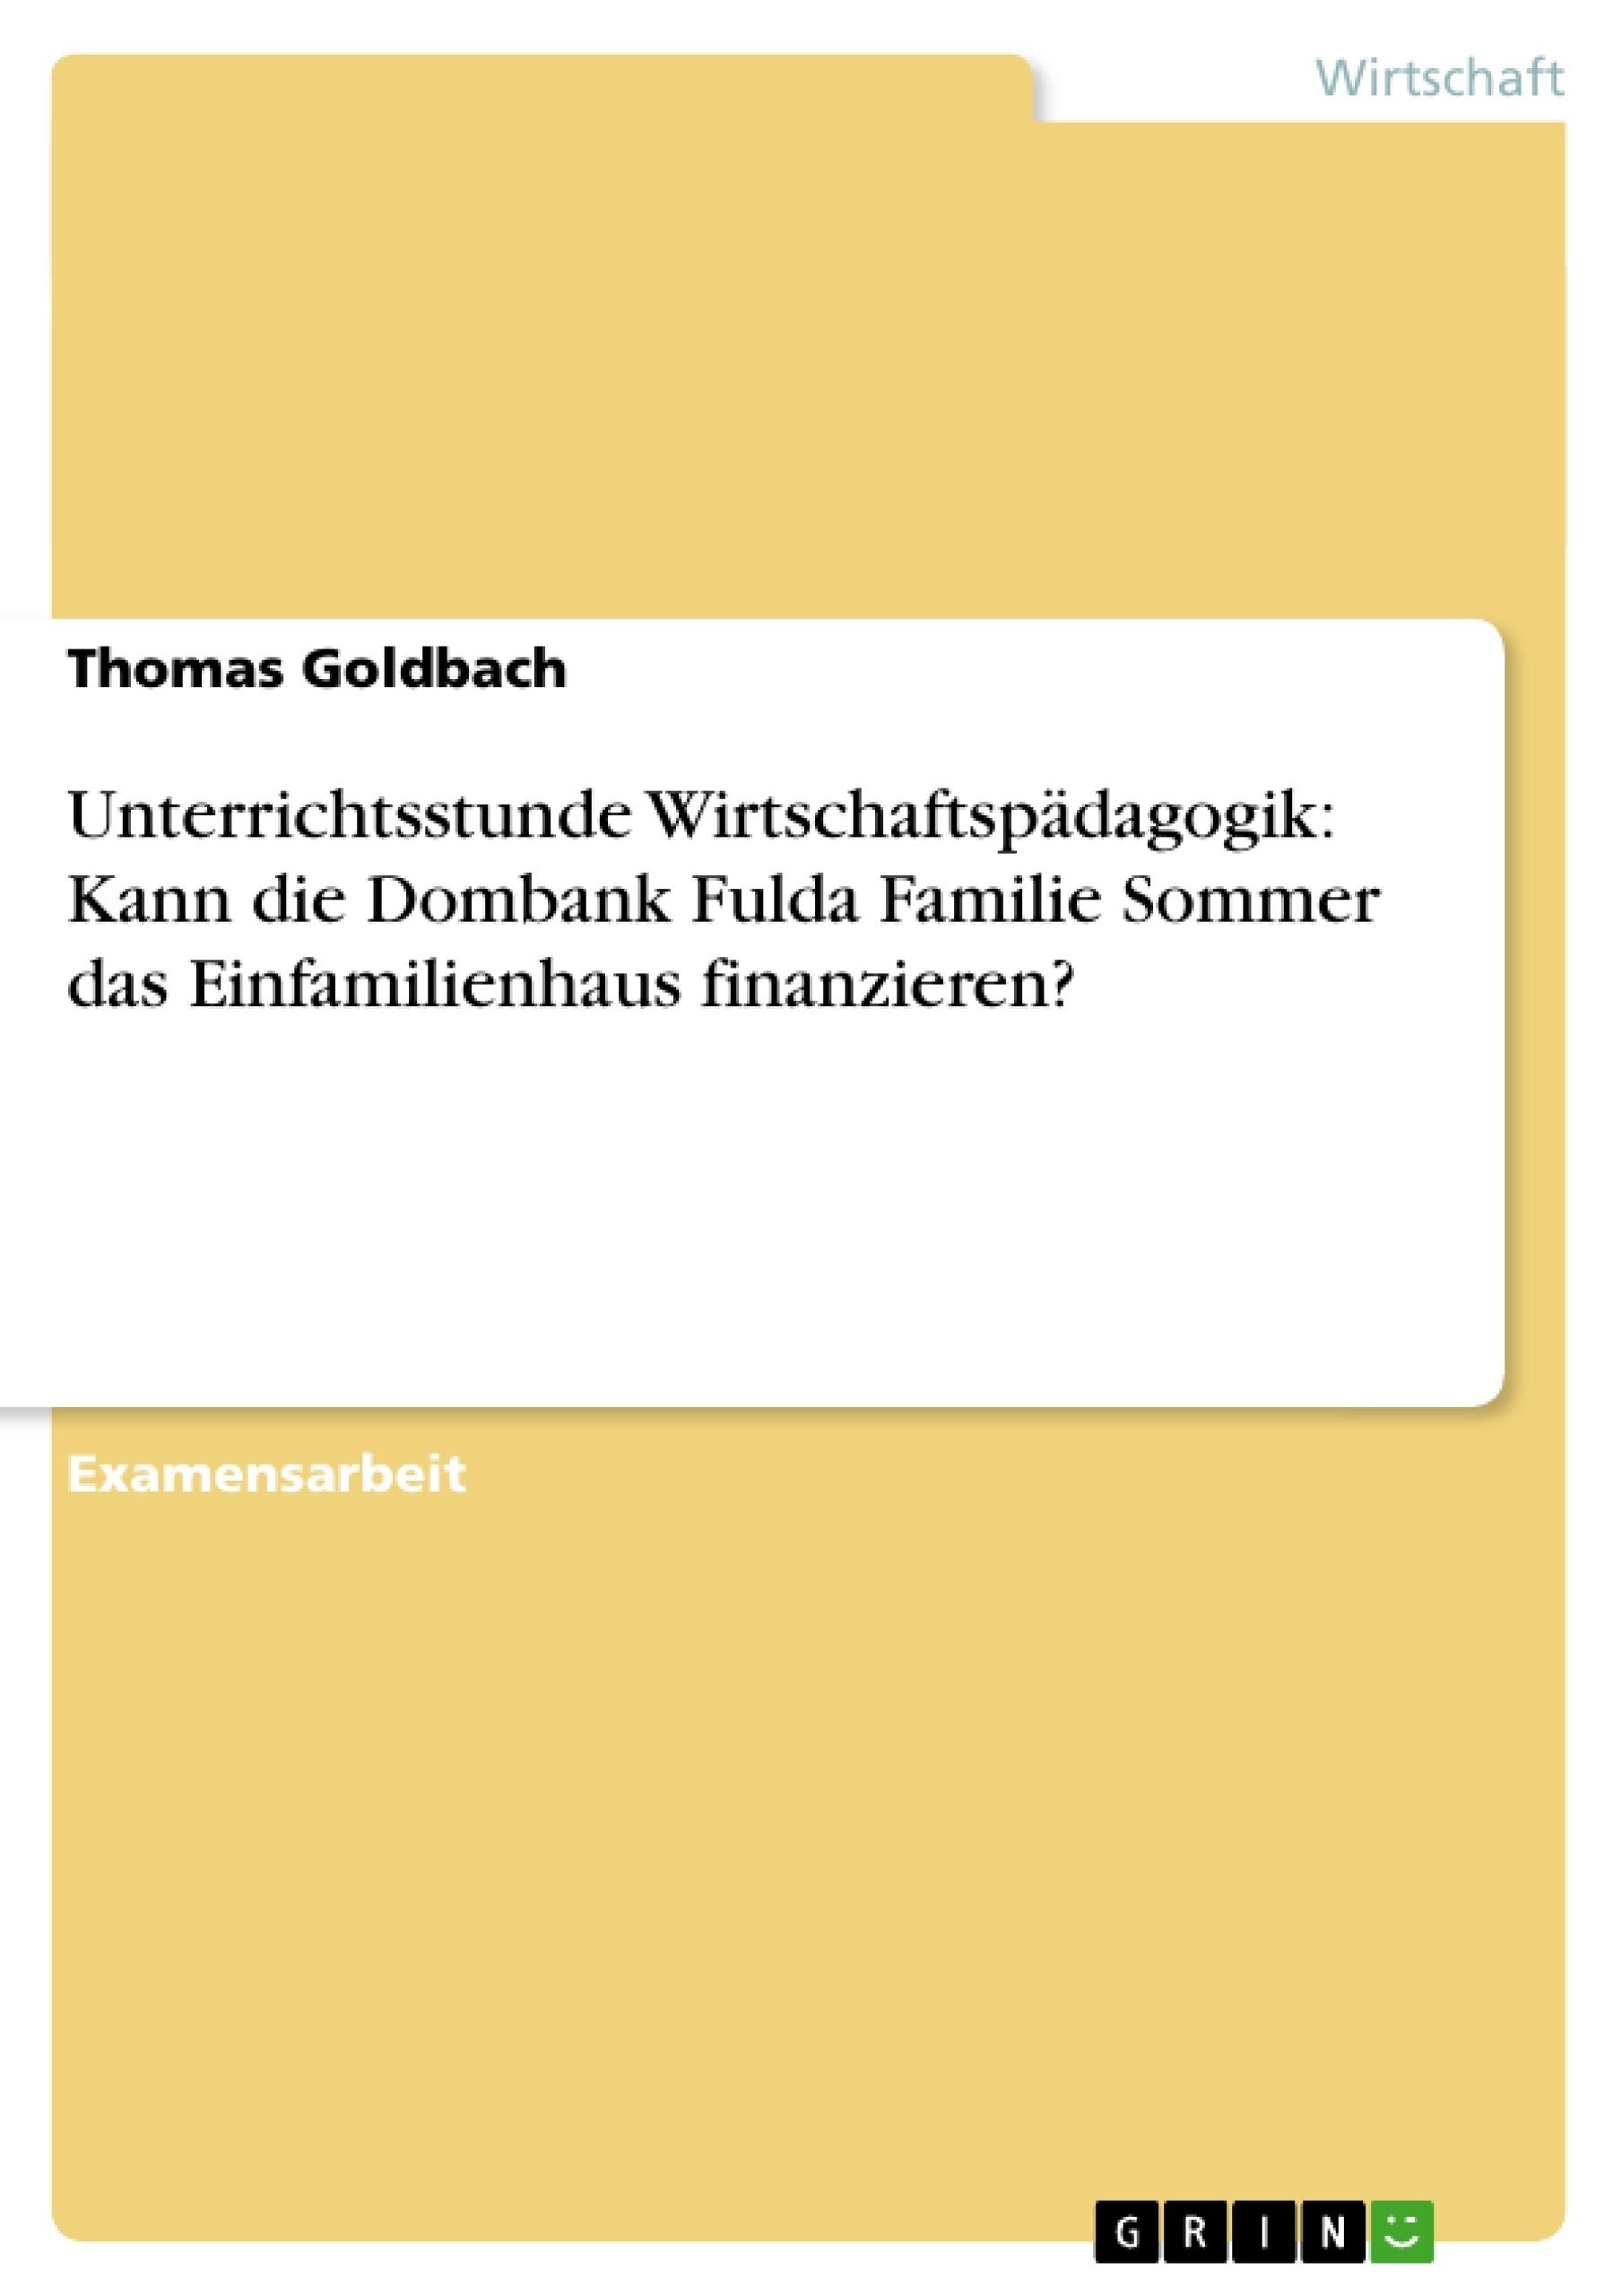 Titel: Unterrichtsstunde Wirtschaftspädagogik: Kann die Dombank Fulda Familie Sommer das Einfamilienhaus finanzieren?